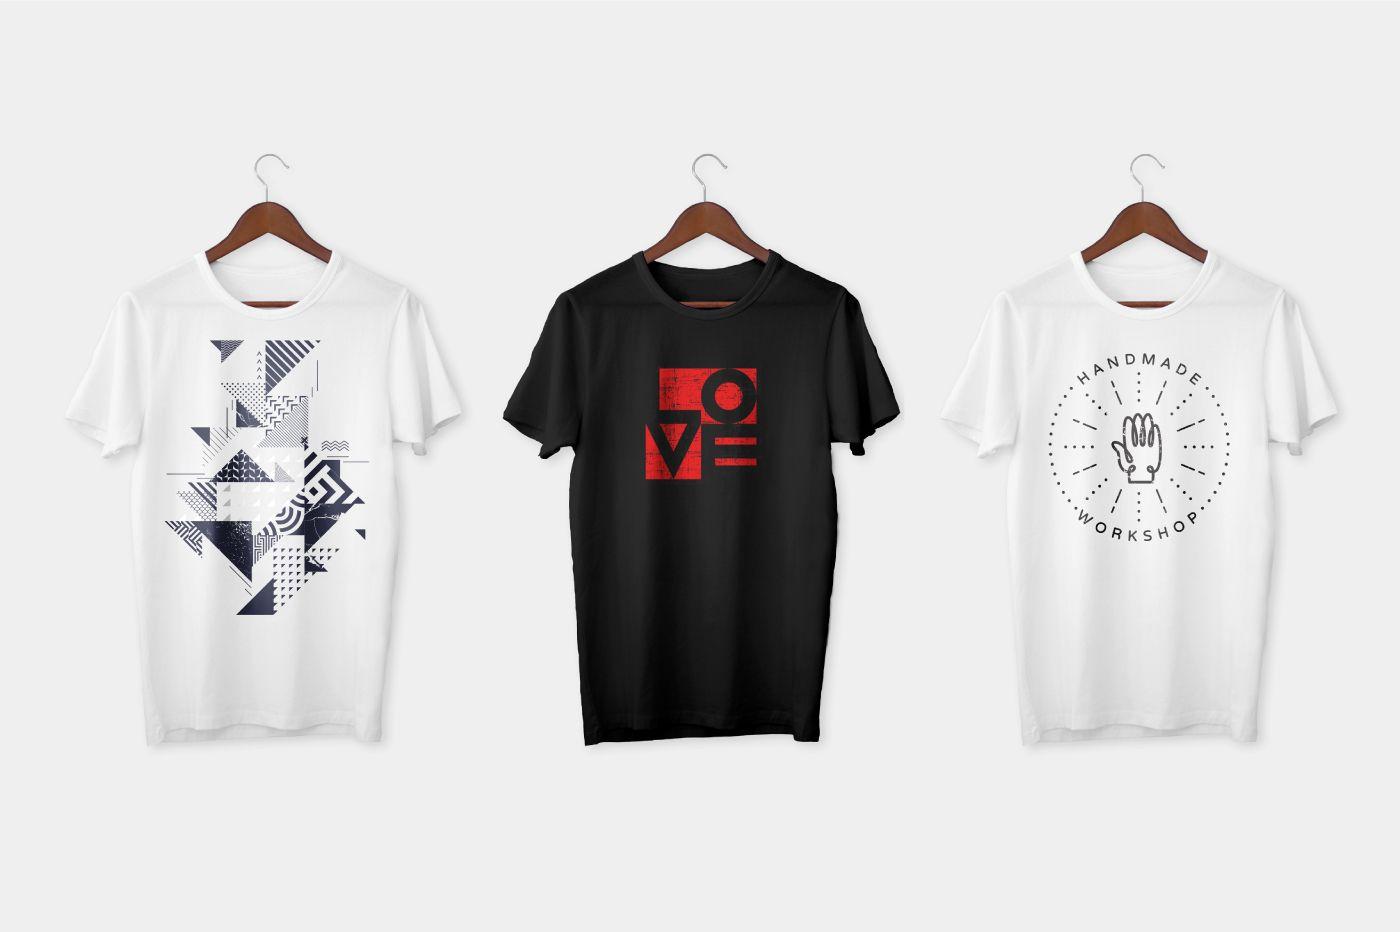 Free Photoshop T Shirt Mockup Pixelify Best Free Fonts Mockups Templates And Vectors Shirt Mockup Tshirt Mockup Clothing Mockup